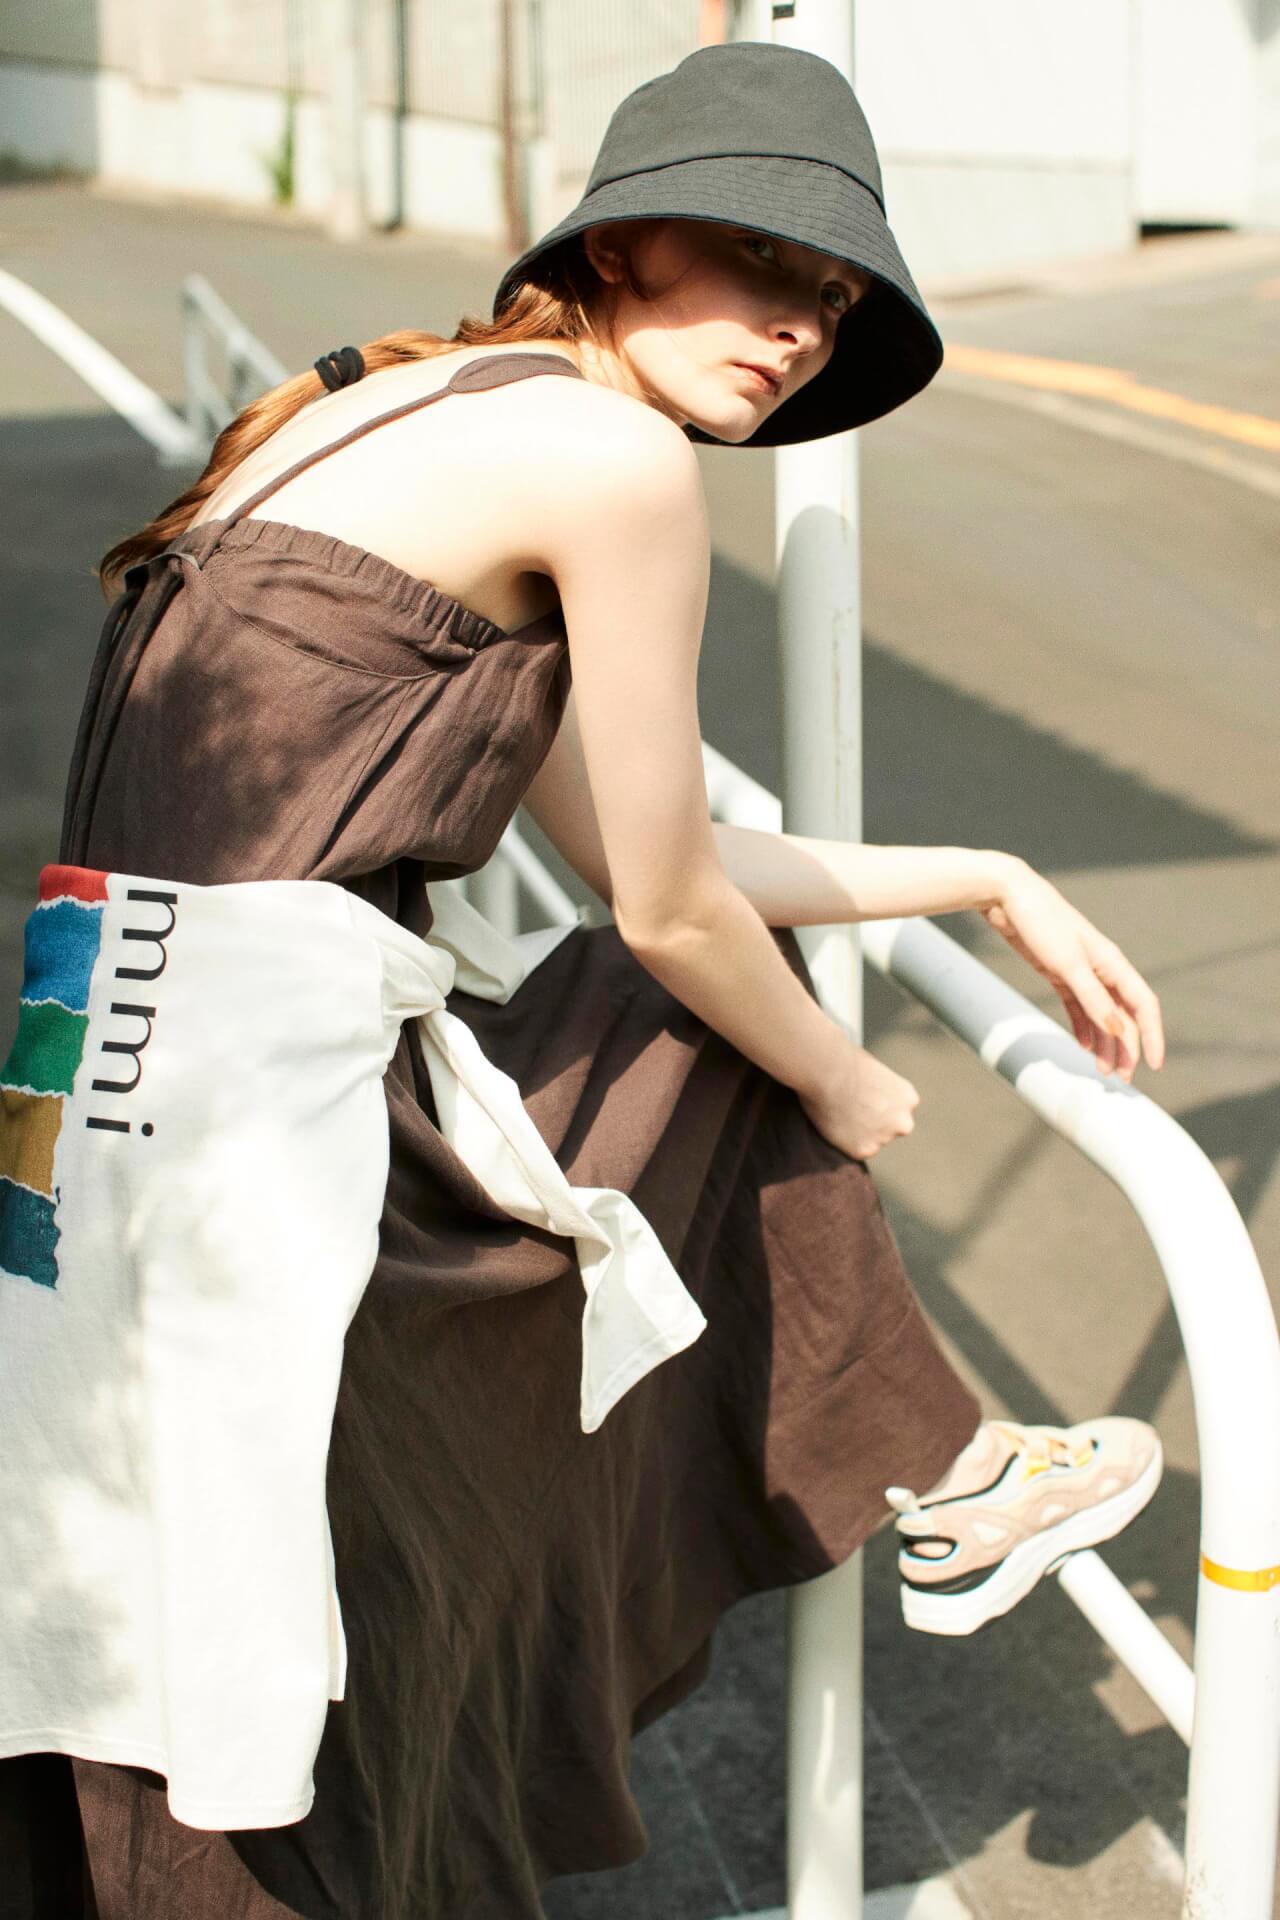 「emmi」と「SUICOKE」のコラボレーションシューズAKK-abEMMが発売決定!イエローとブルーが映える別注カラー fashion_210713_emmi2